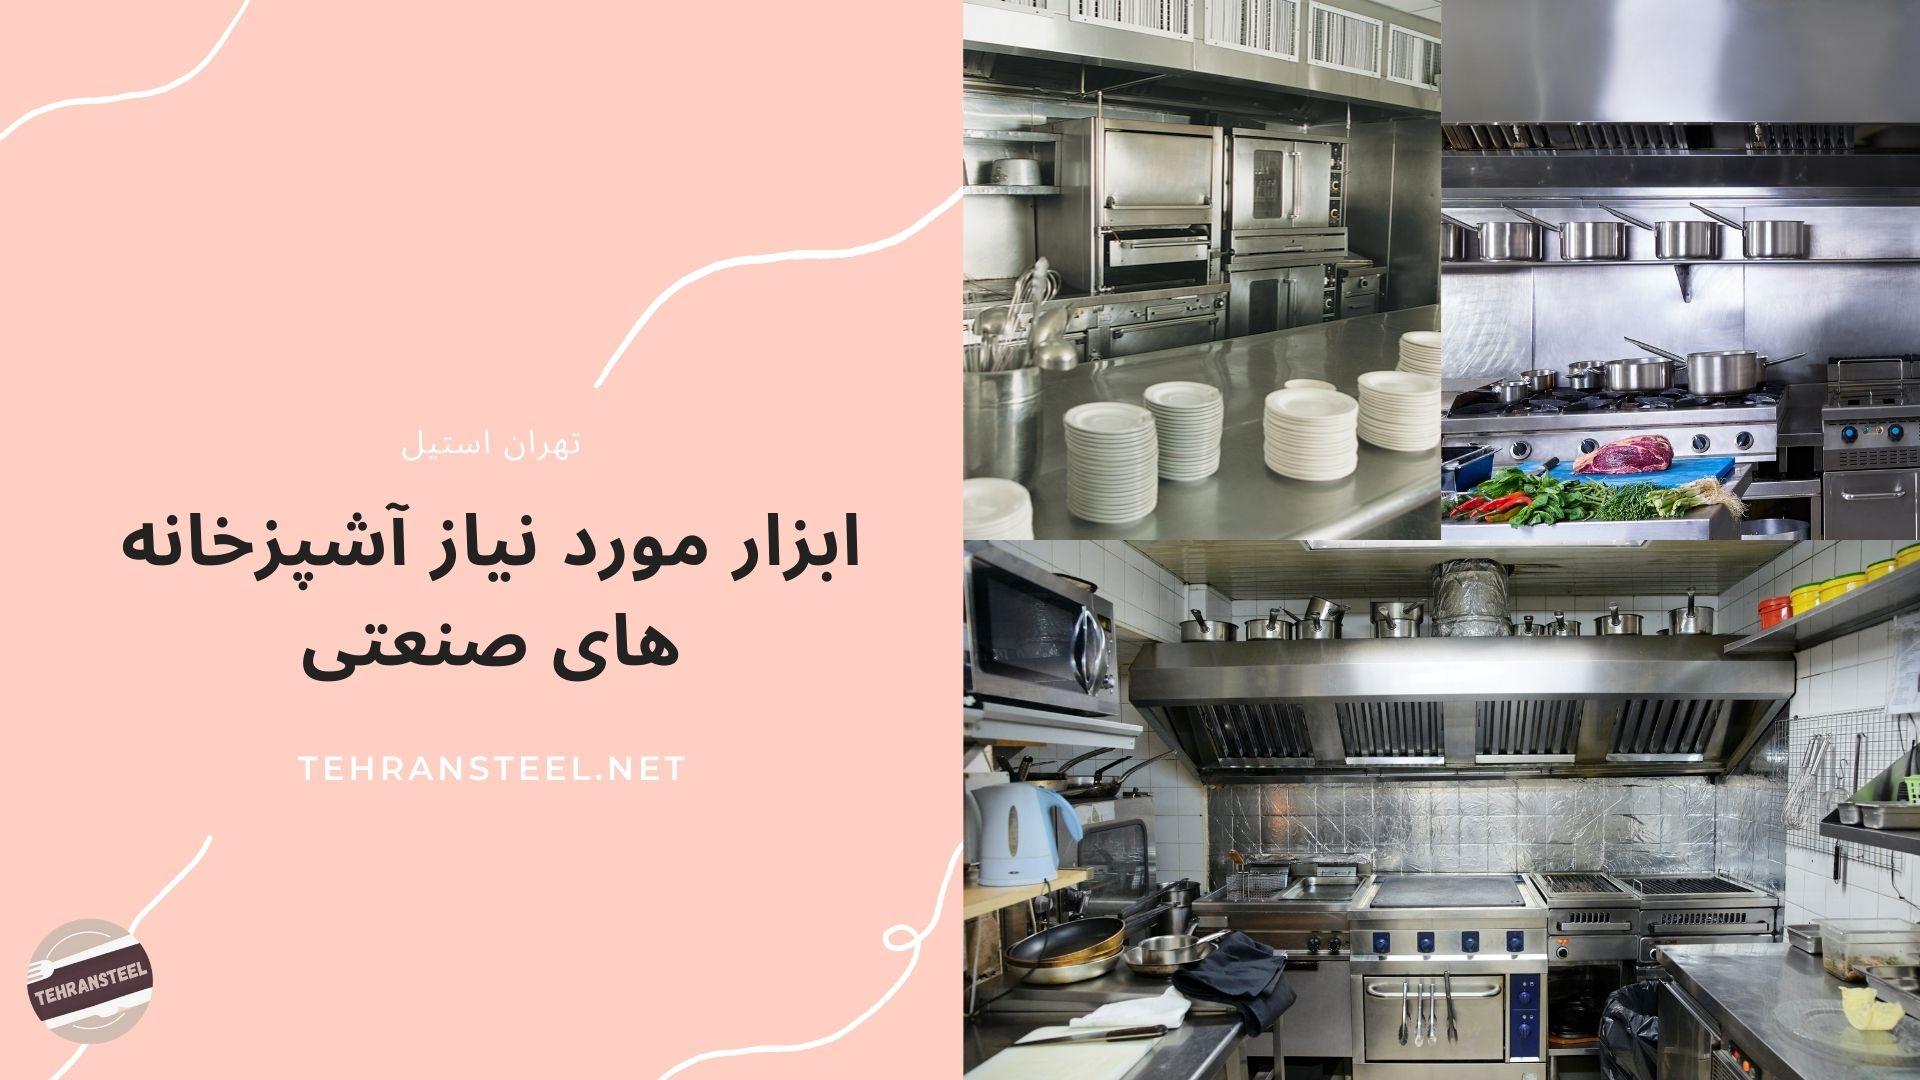 ابزار مورد نیاز آشپزخانه های صنعتی